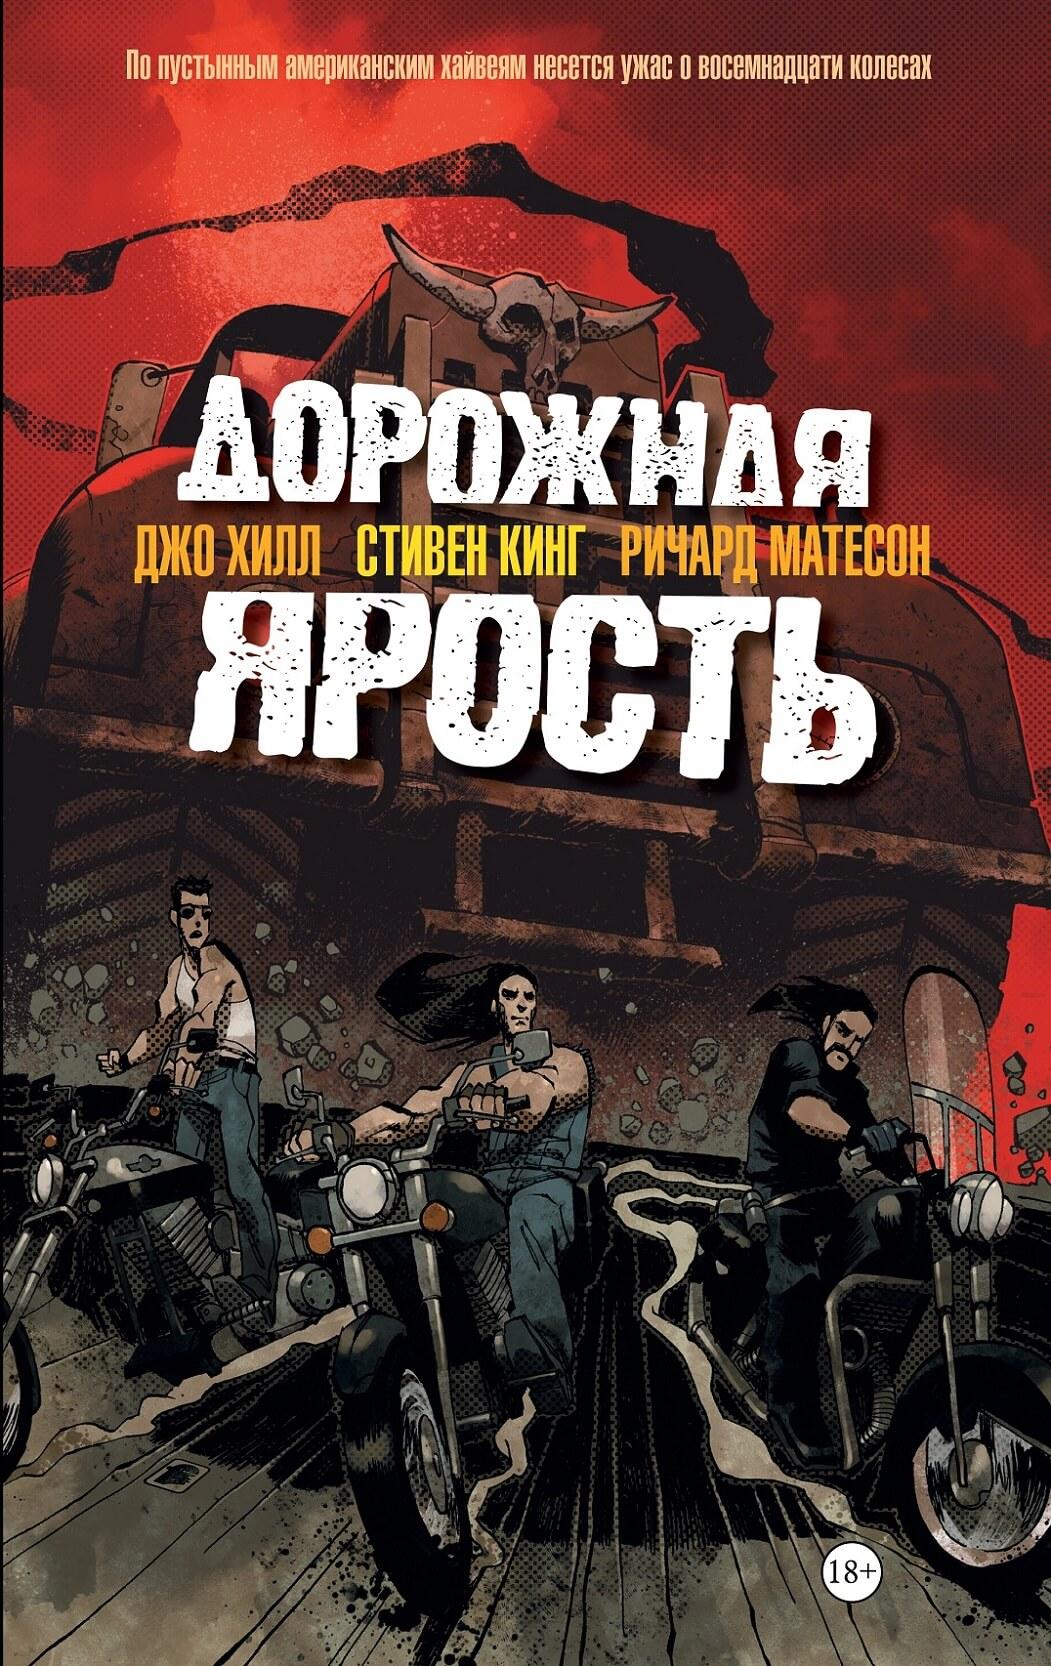 brodude.ru_9.09.2015_xfIGCOkRbhRzs